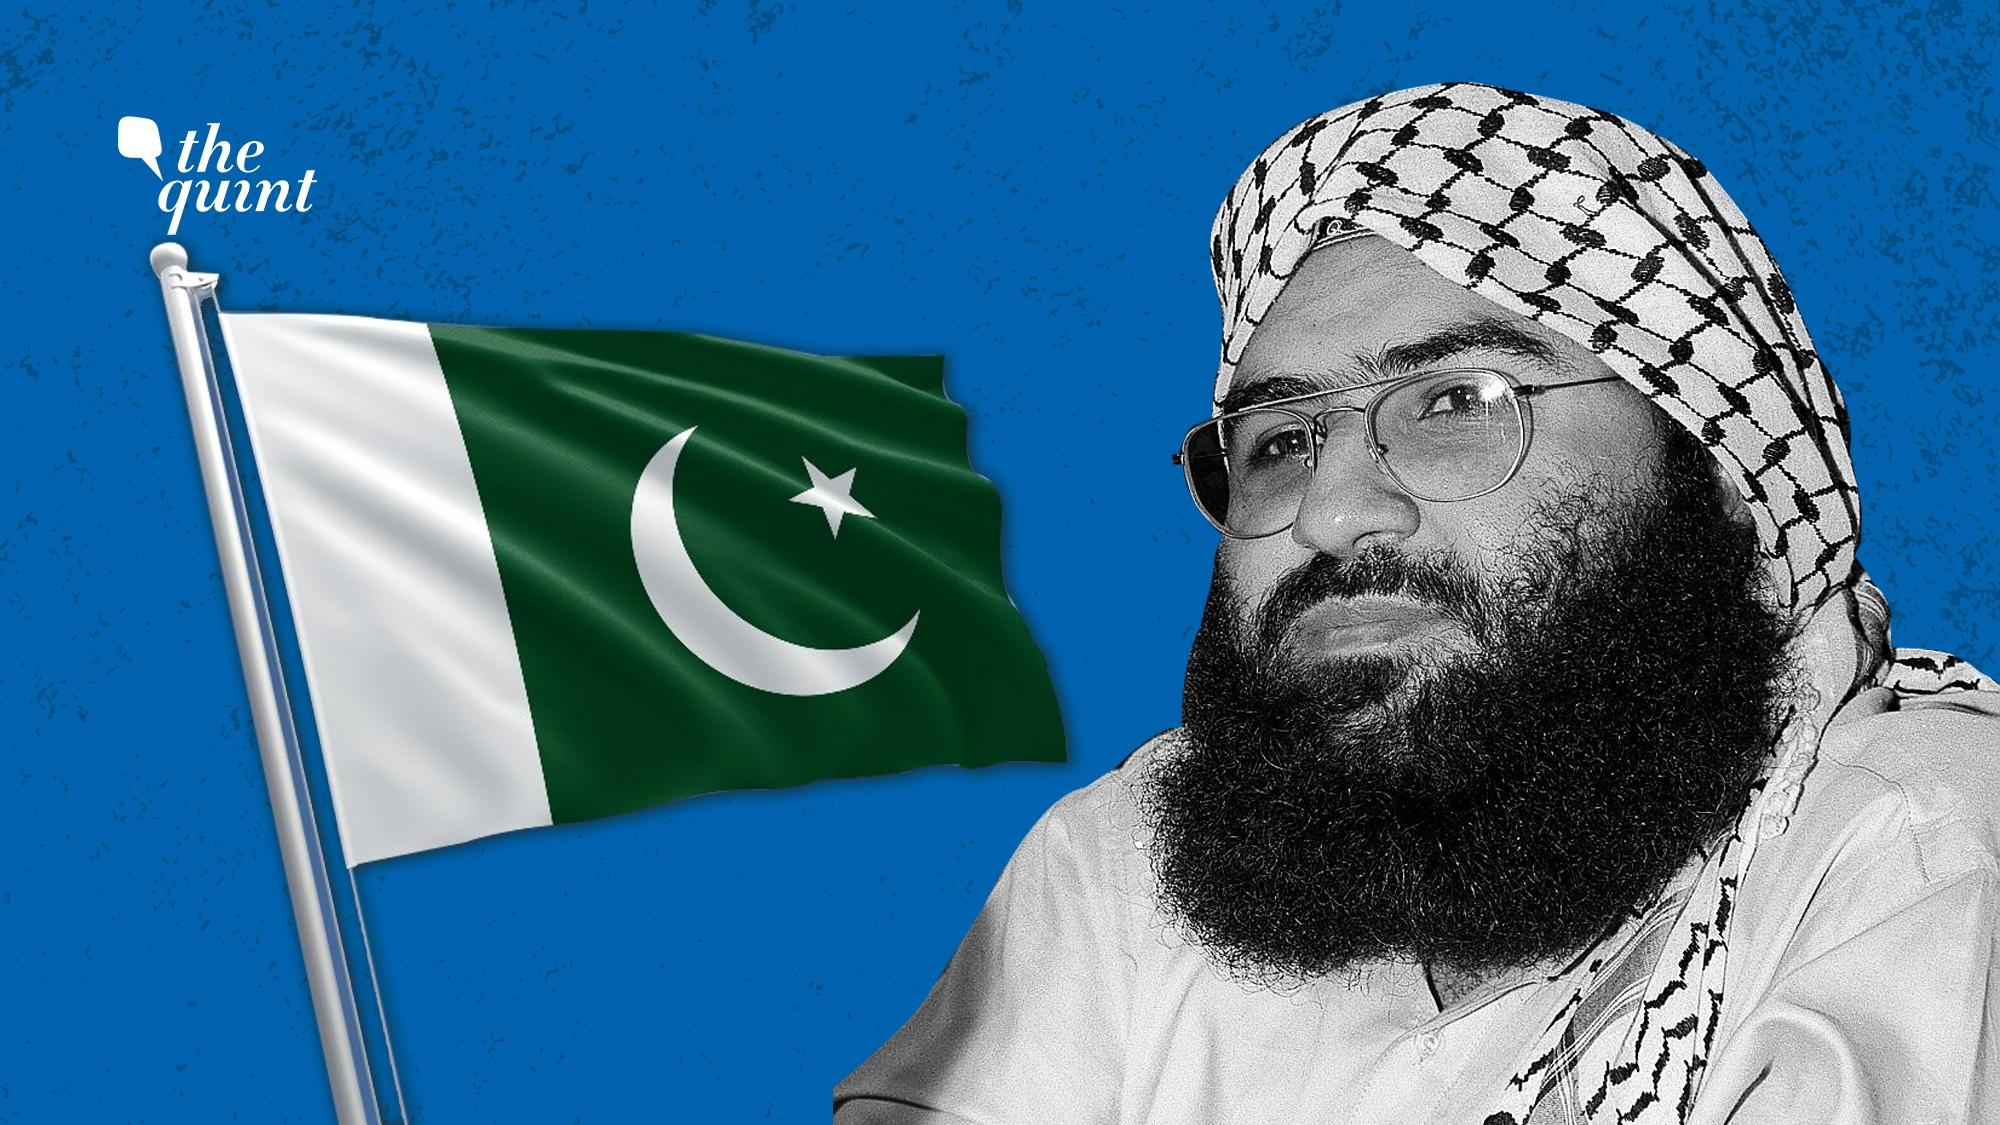 Dear Pakistan, Stop Misleading FATF —Masood Azhar is Not 'Missing'